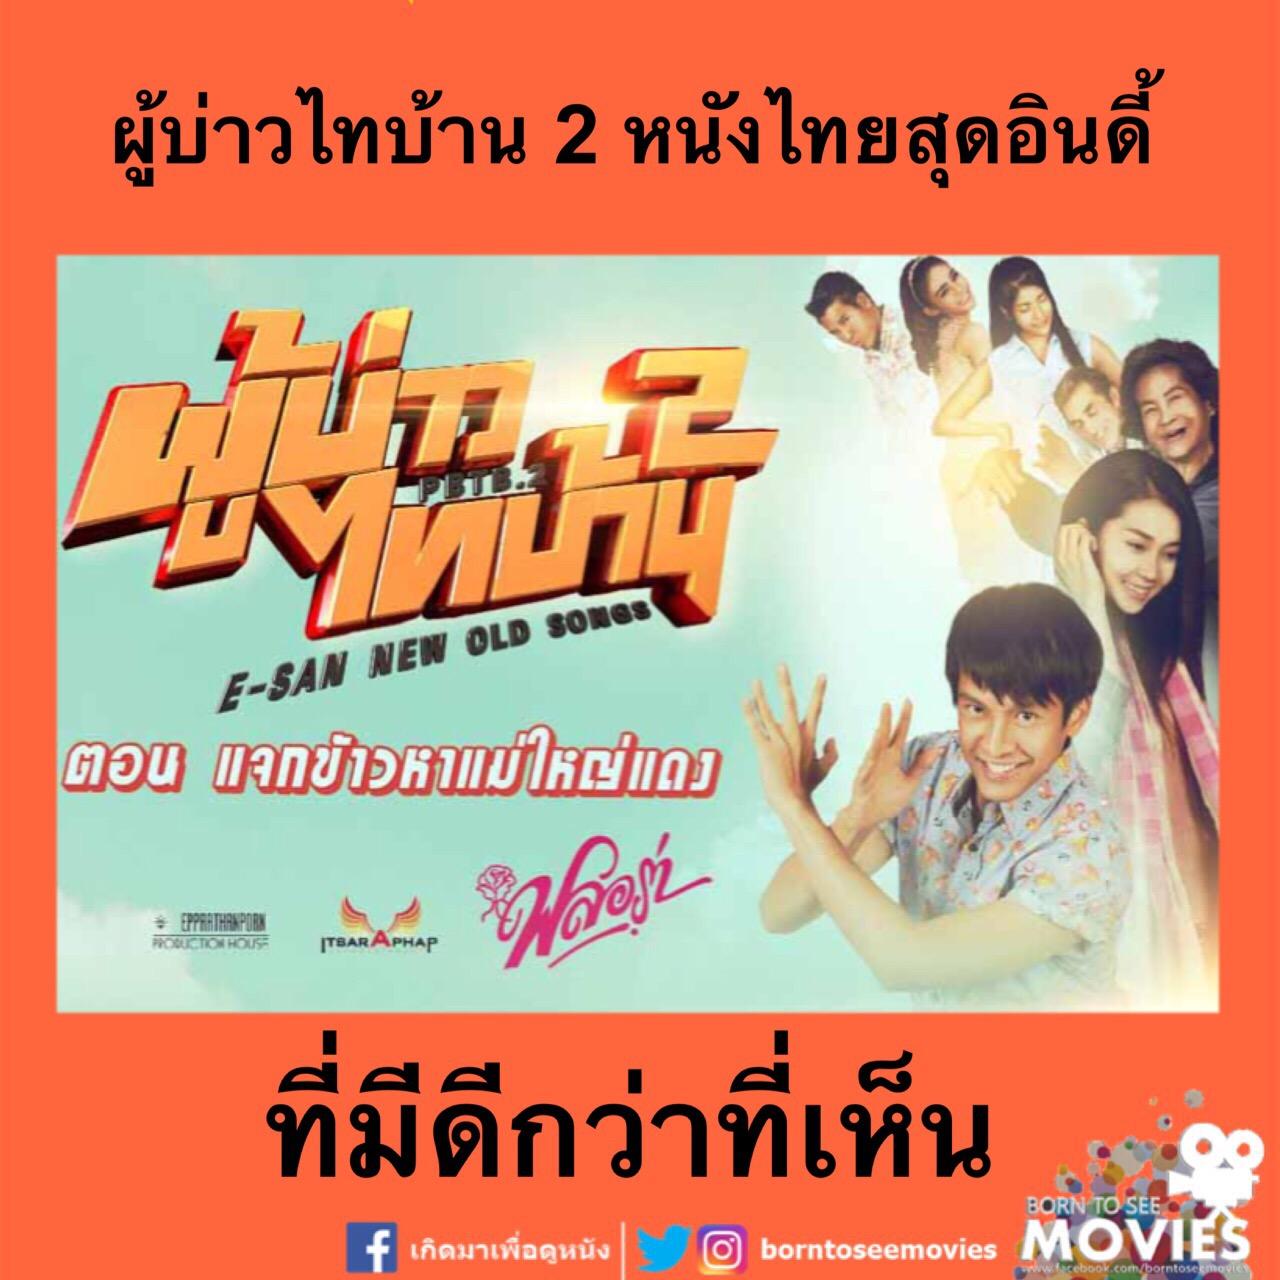 ผู้บ่าวไทบ้าน 2 หนังไทยสุดอินดี้ ที่มีดีกว่าที่เห็น